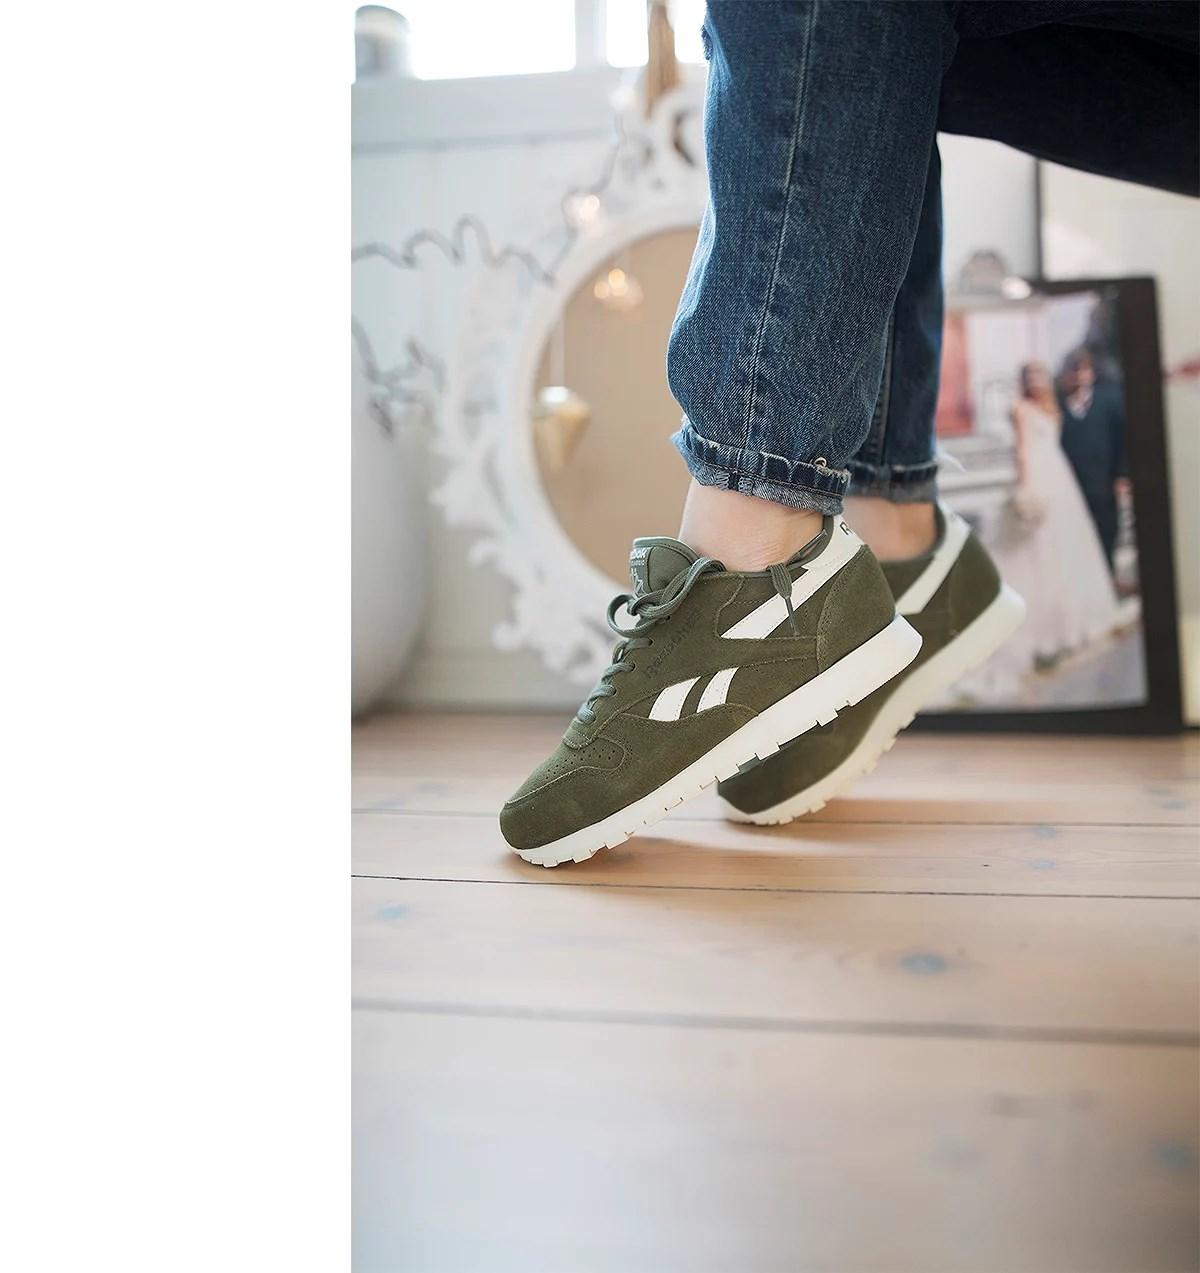 krist.in style reebok sneakers